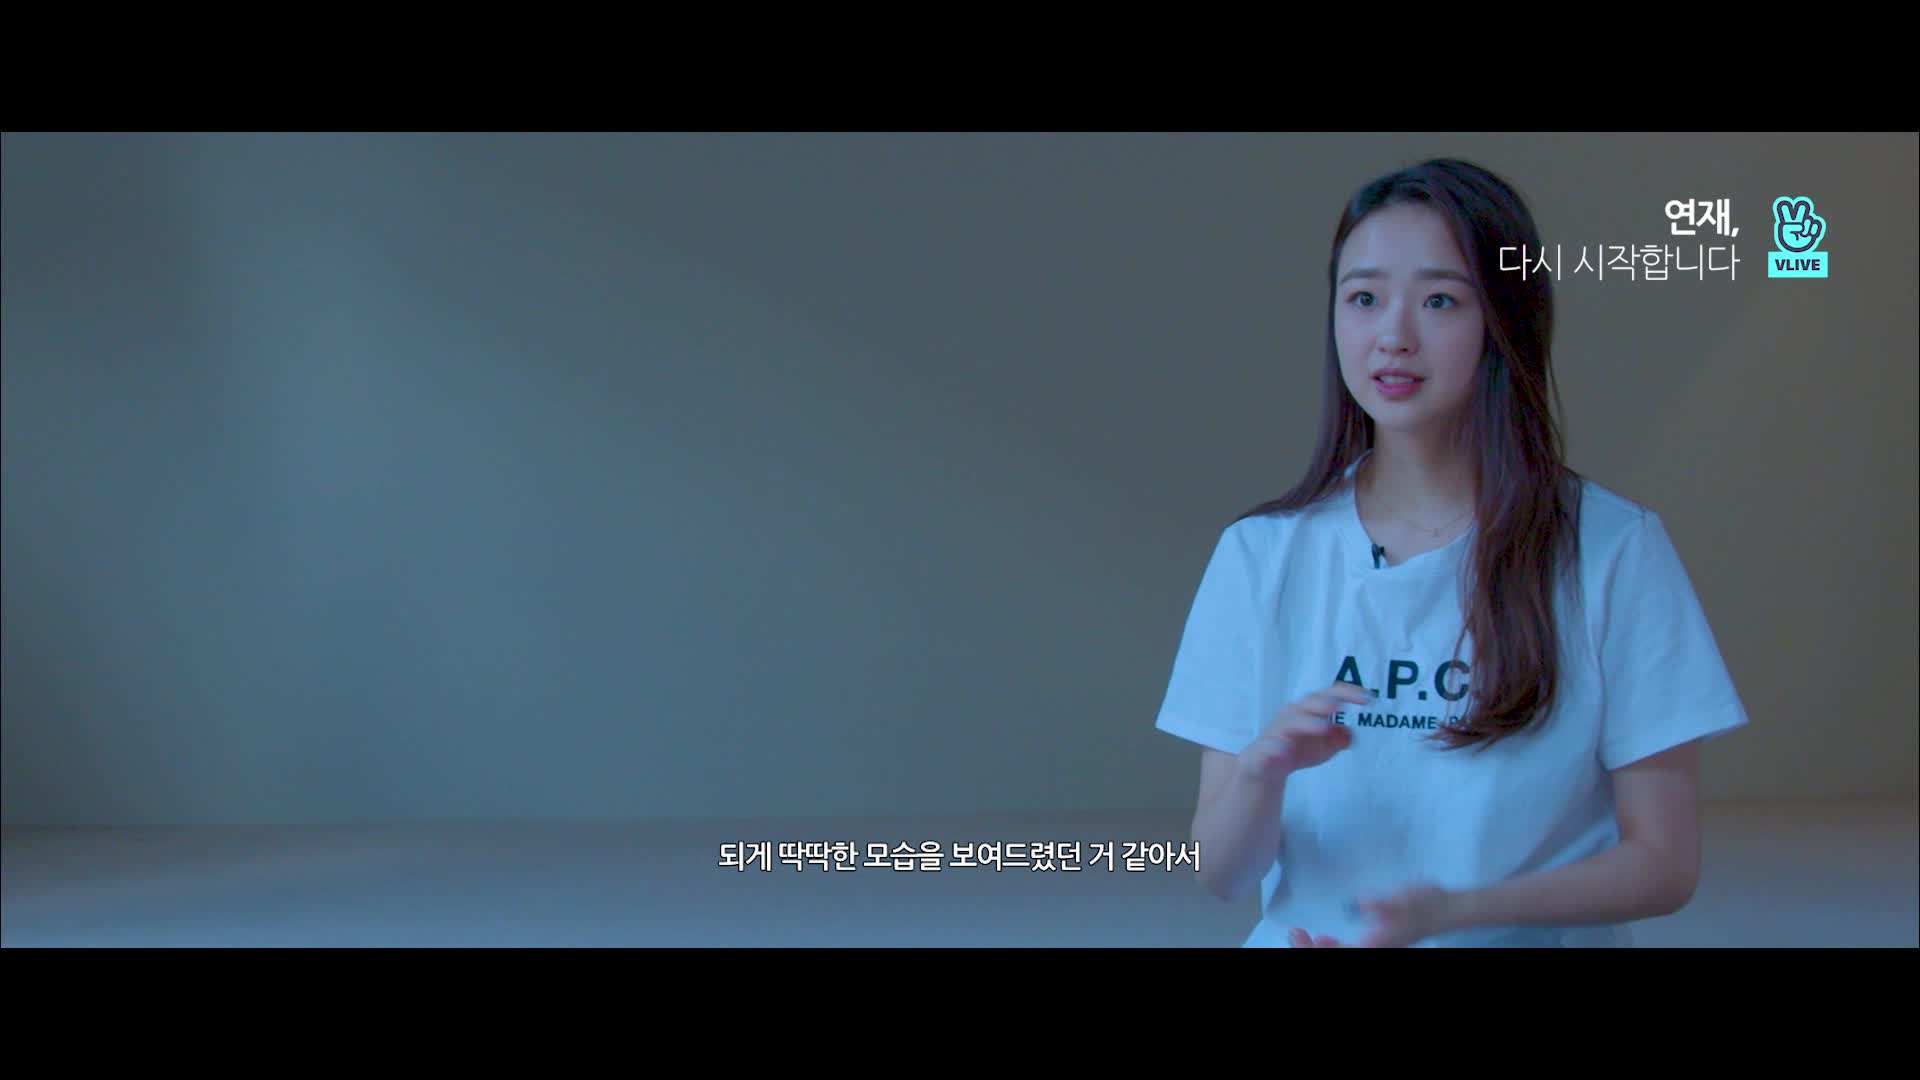 EP 00. 인터뷰, 연재의 솔직한 속마음 <연재, 다시 시작합니다>